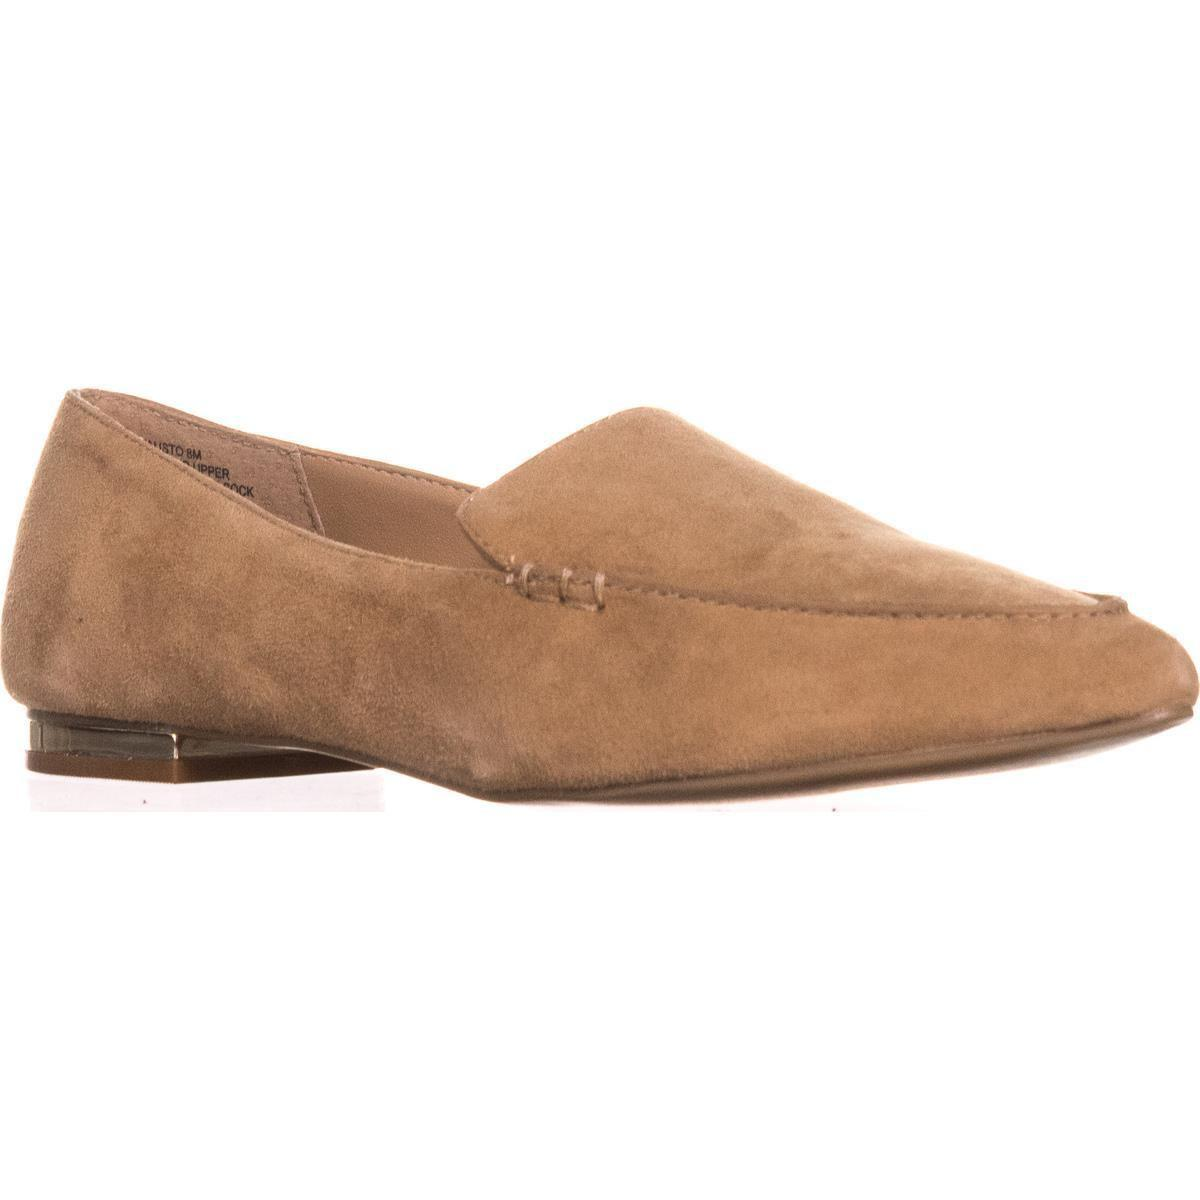 49035e80825 Lyst - Steve Madden Fausto Slip-on Loafers in Natural